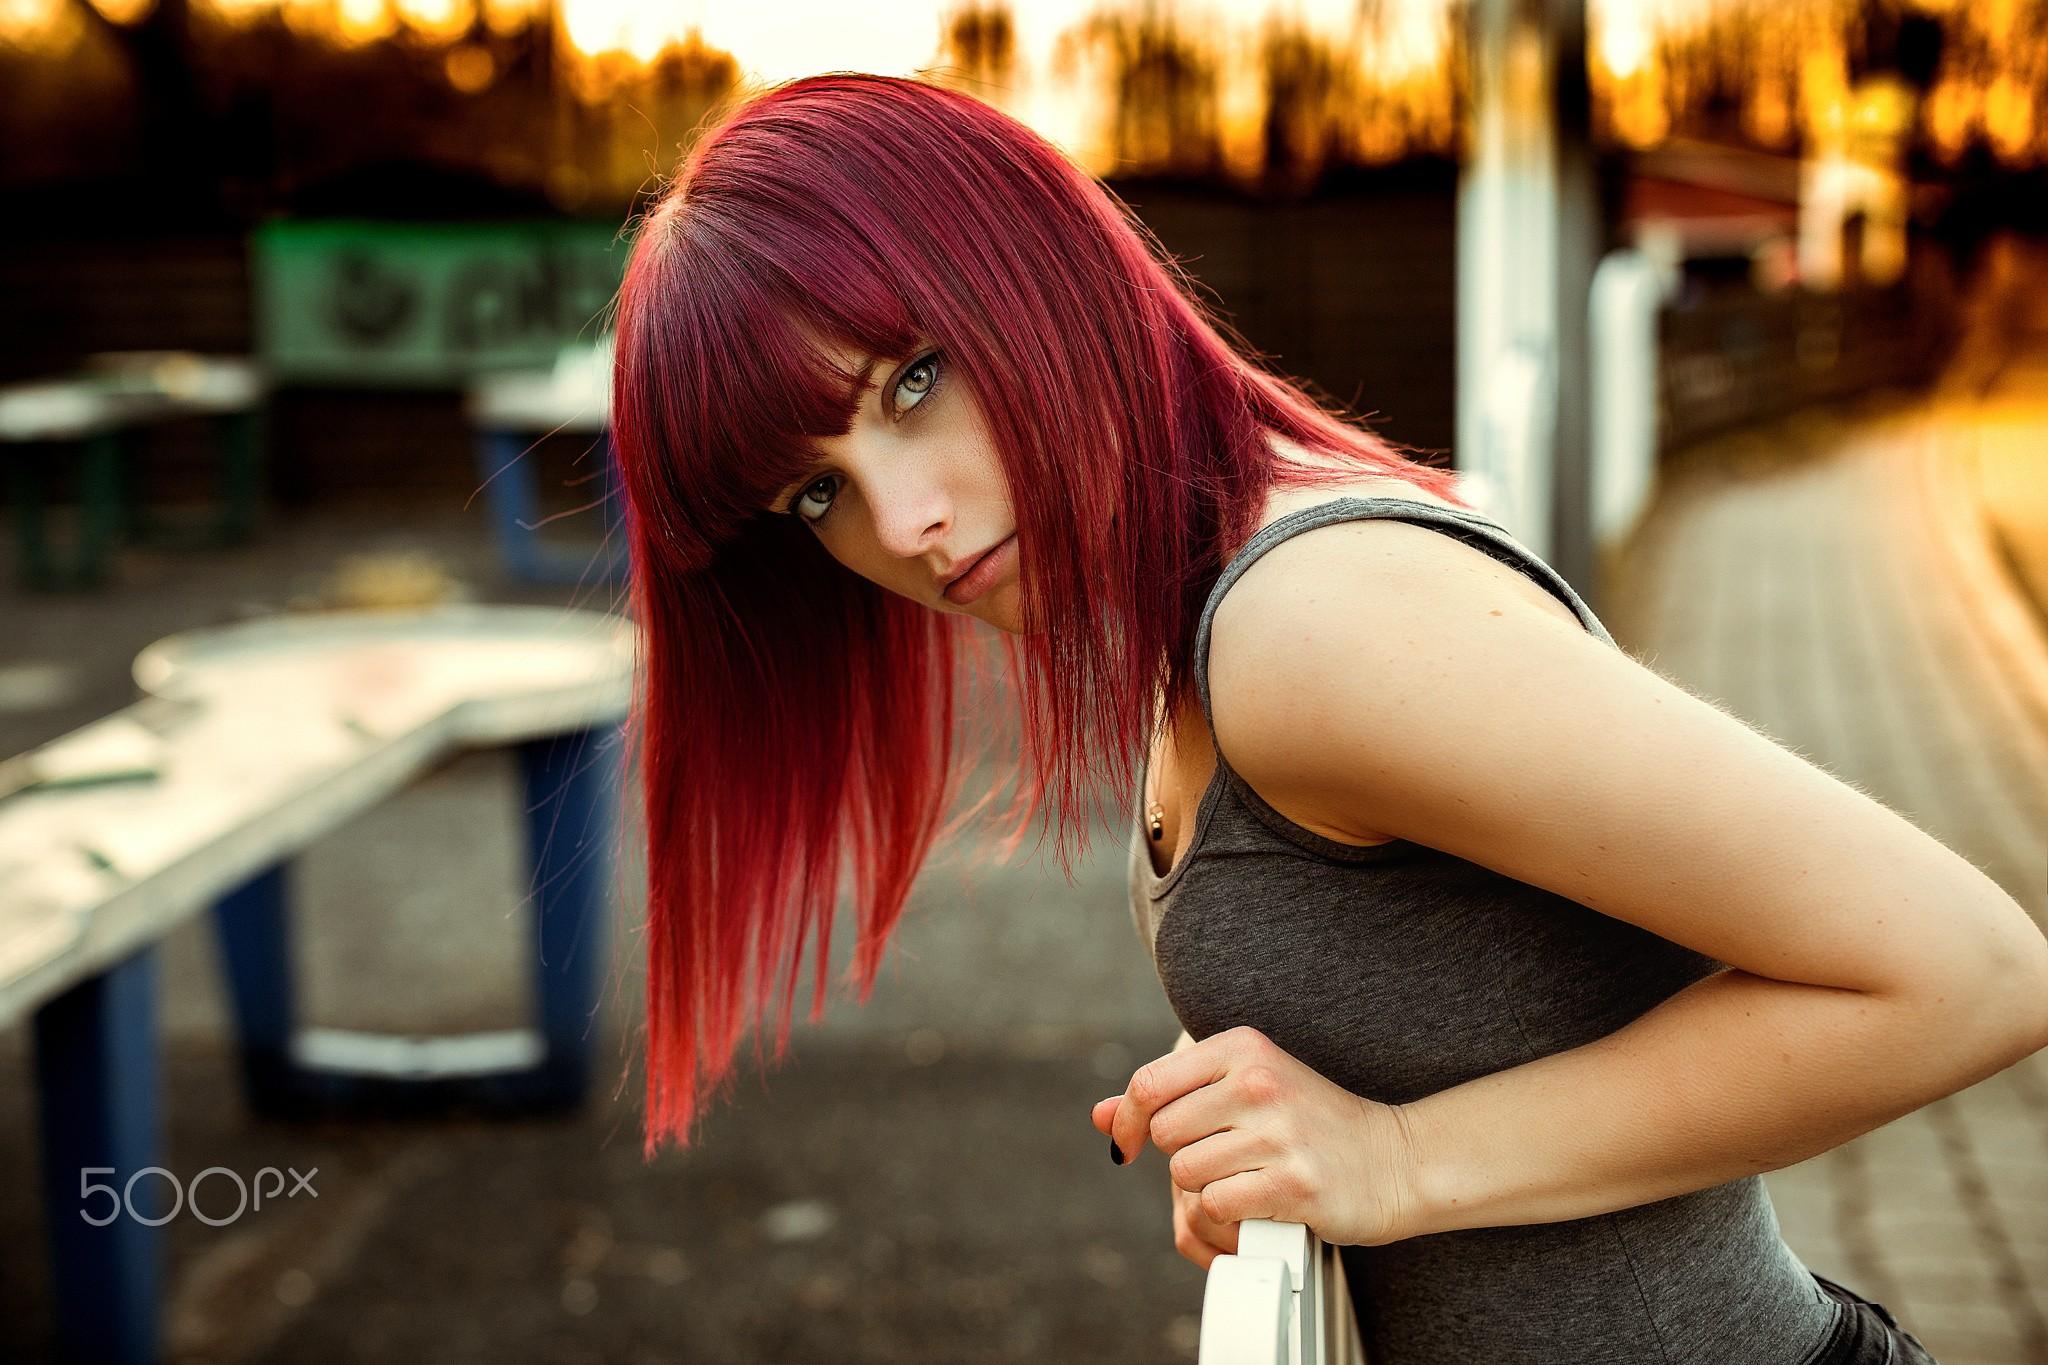 Wallpaper : women, redhead, cosplay, 10px, model, portrait, long